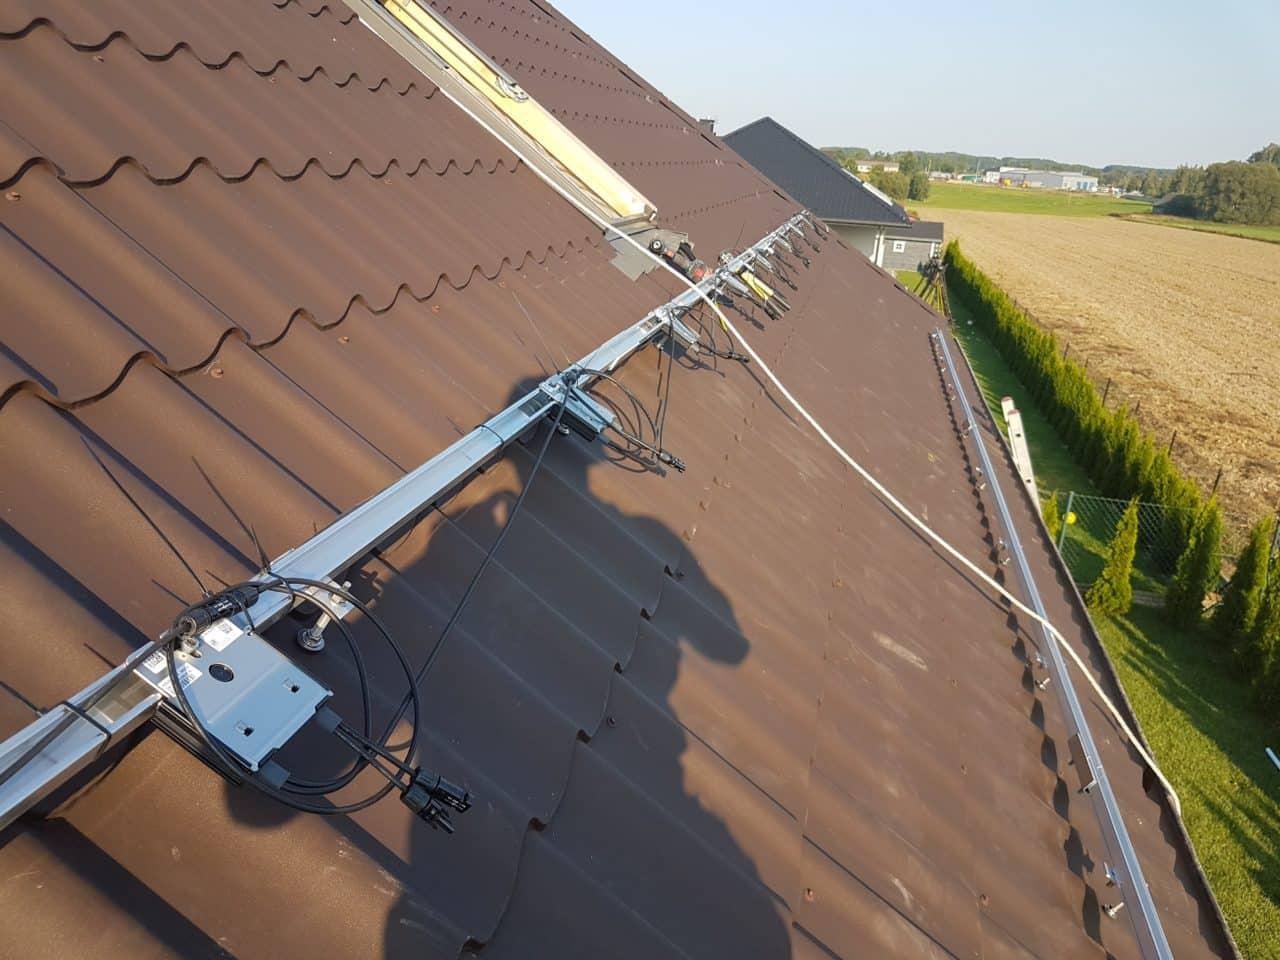 solaredge + k2 system